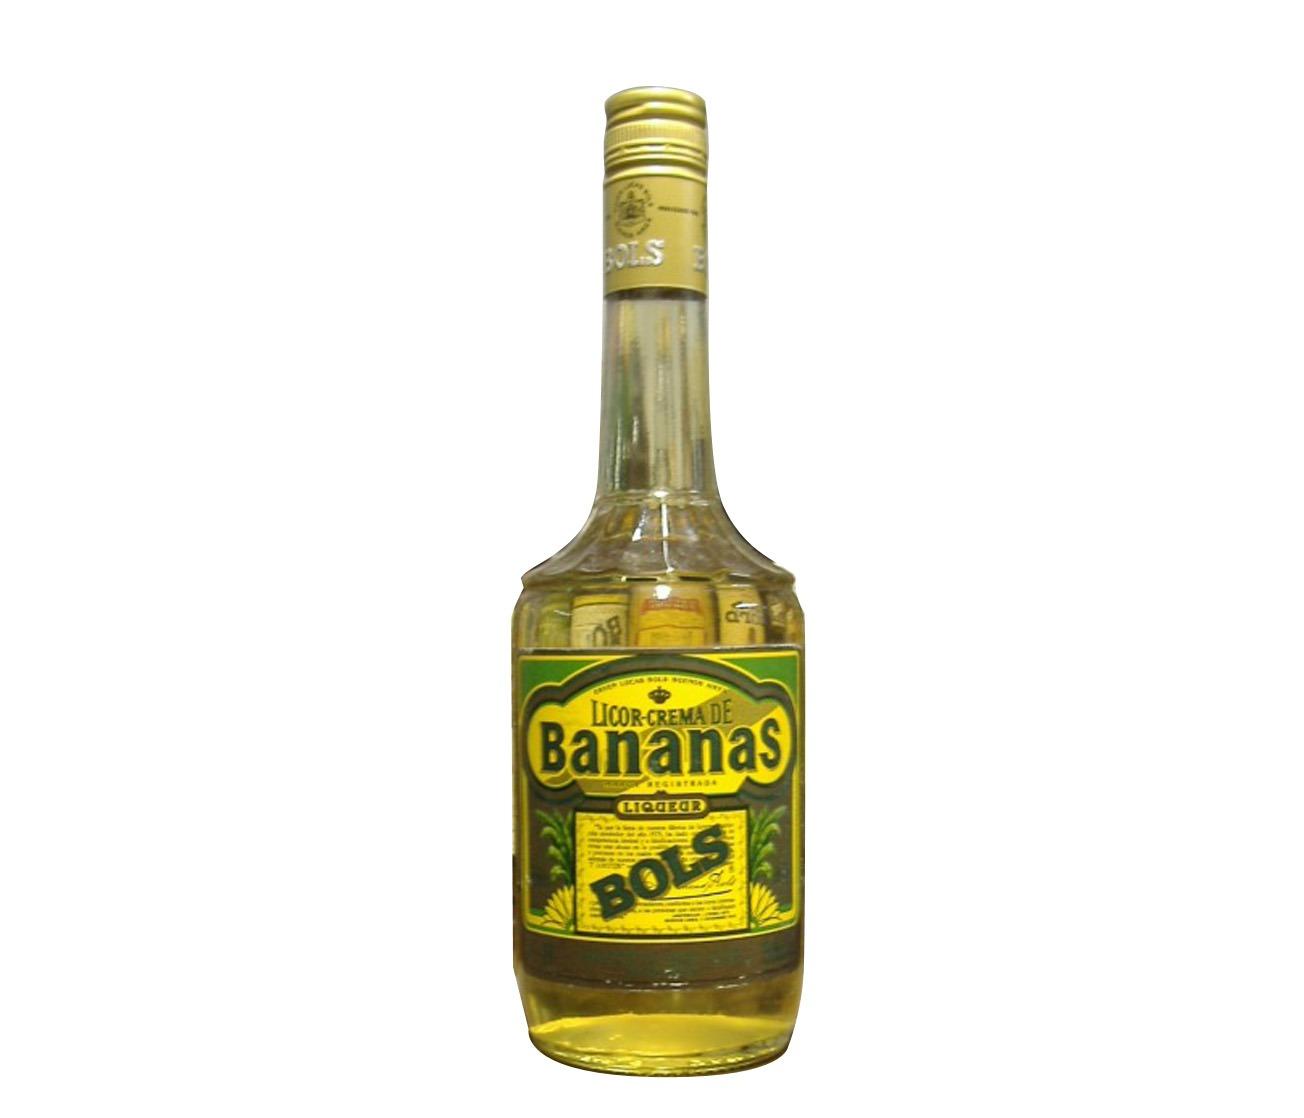 Banana ao licor